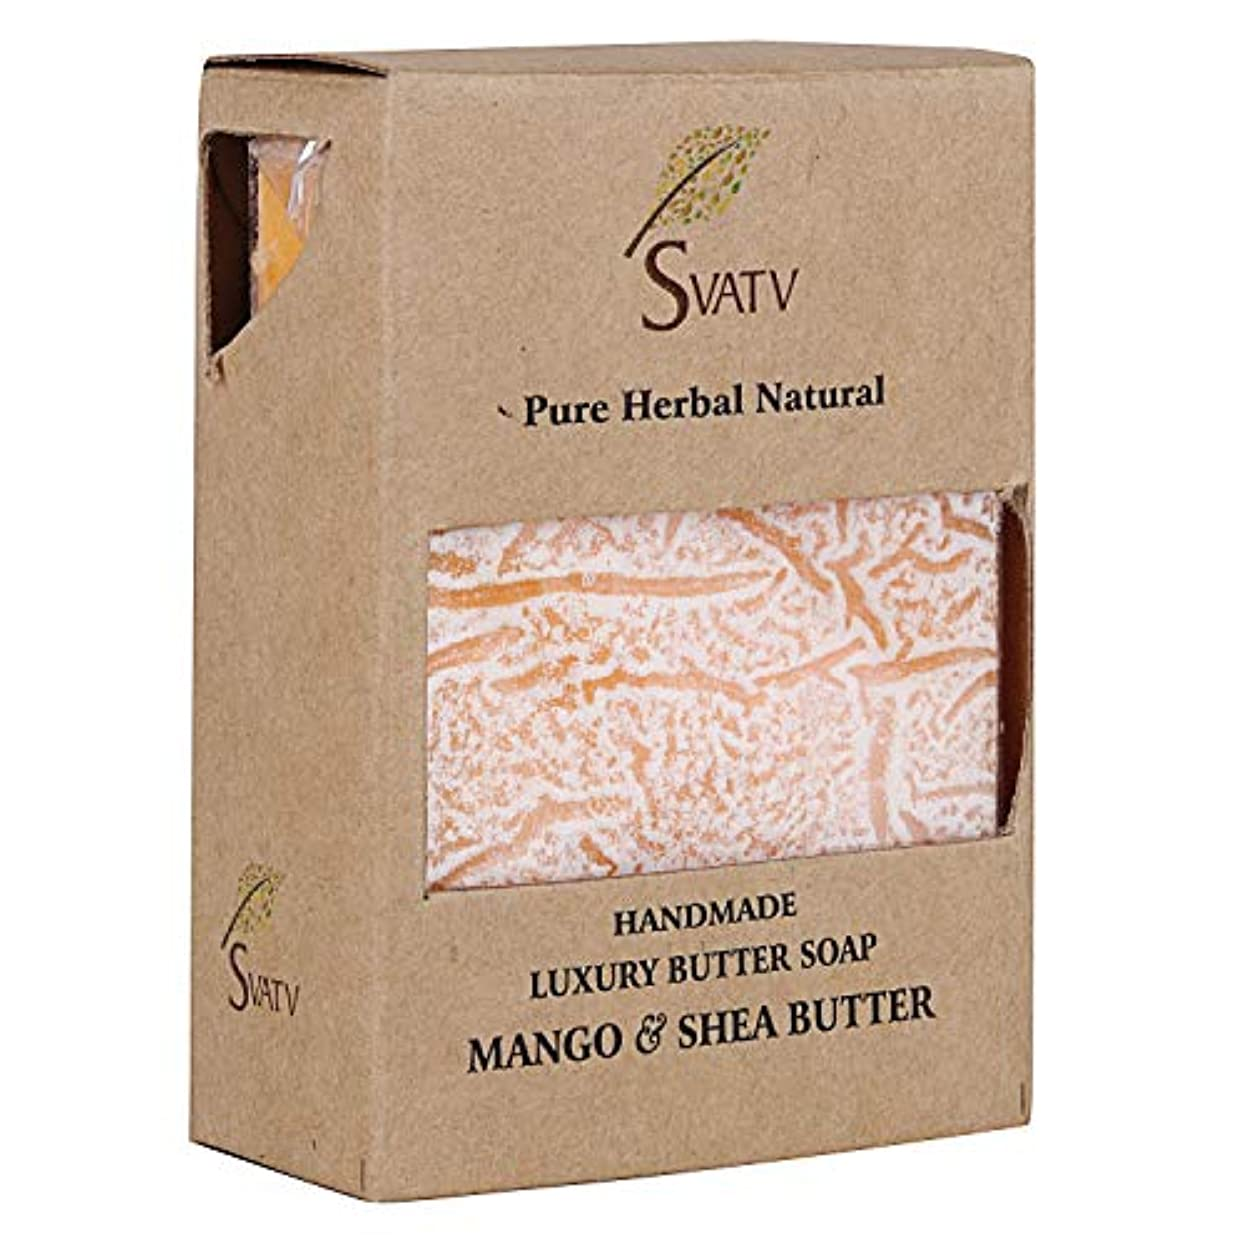 傾向があるヒント製油所SVATV Handmade Luxury Butter Soap Mango & Shea Butter For All Skin types 100g Bar